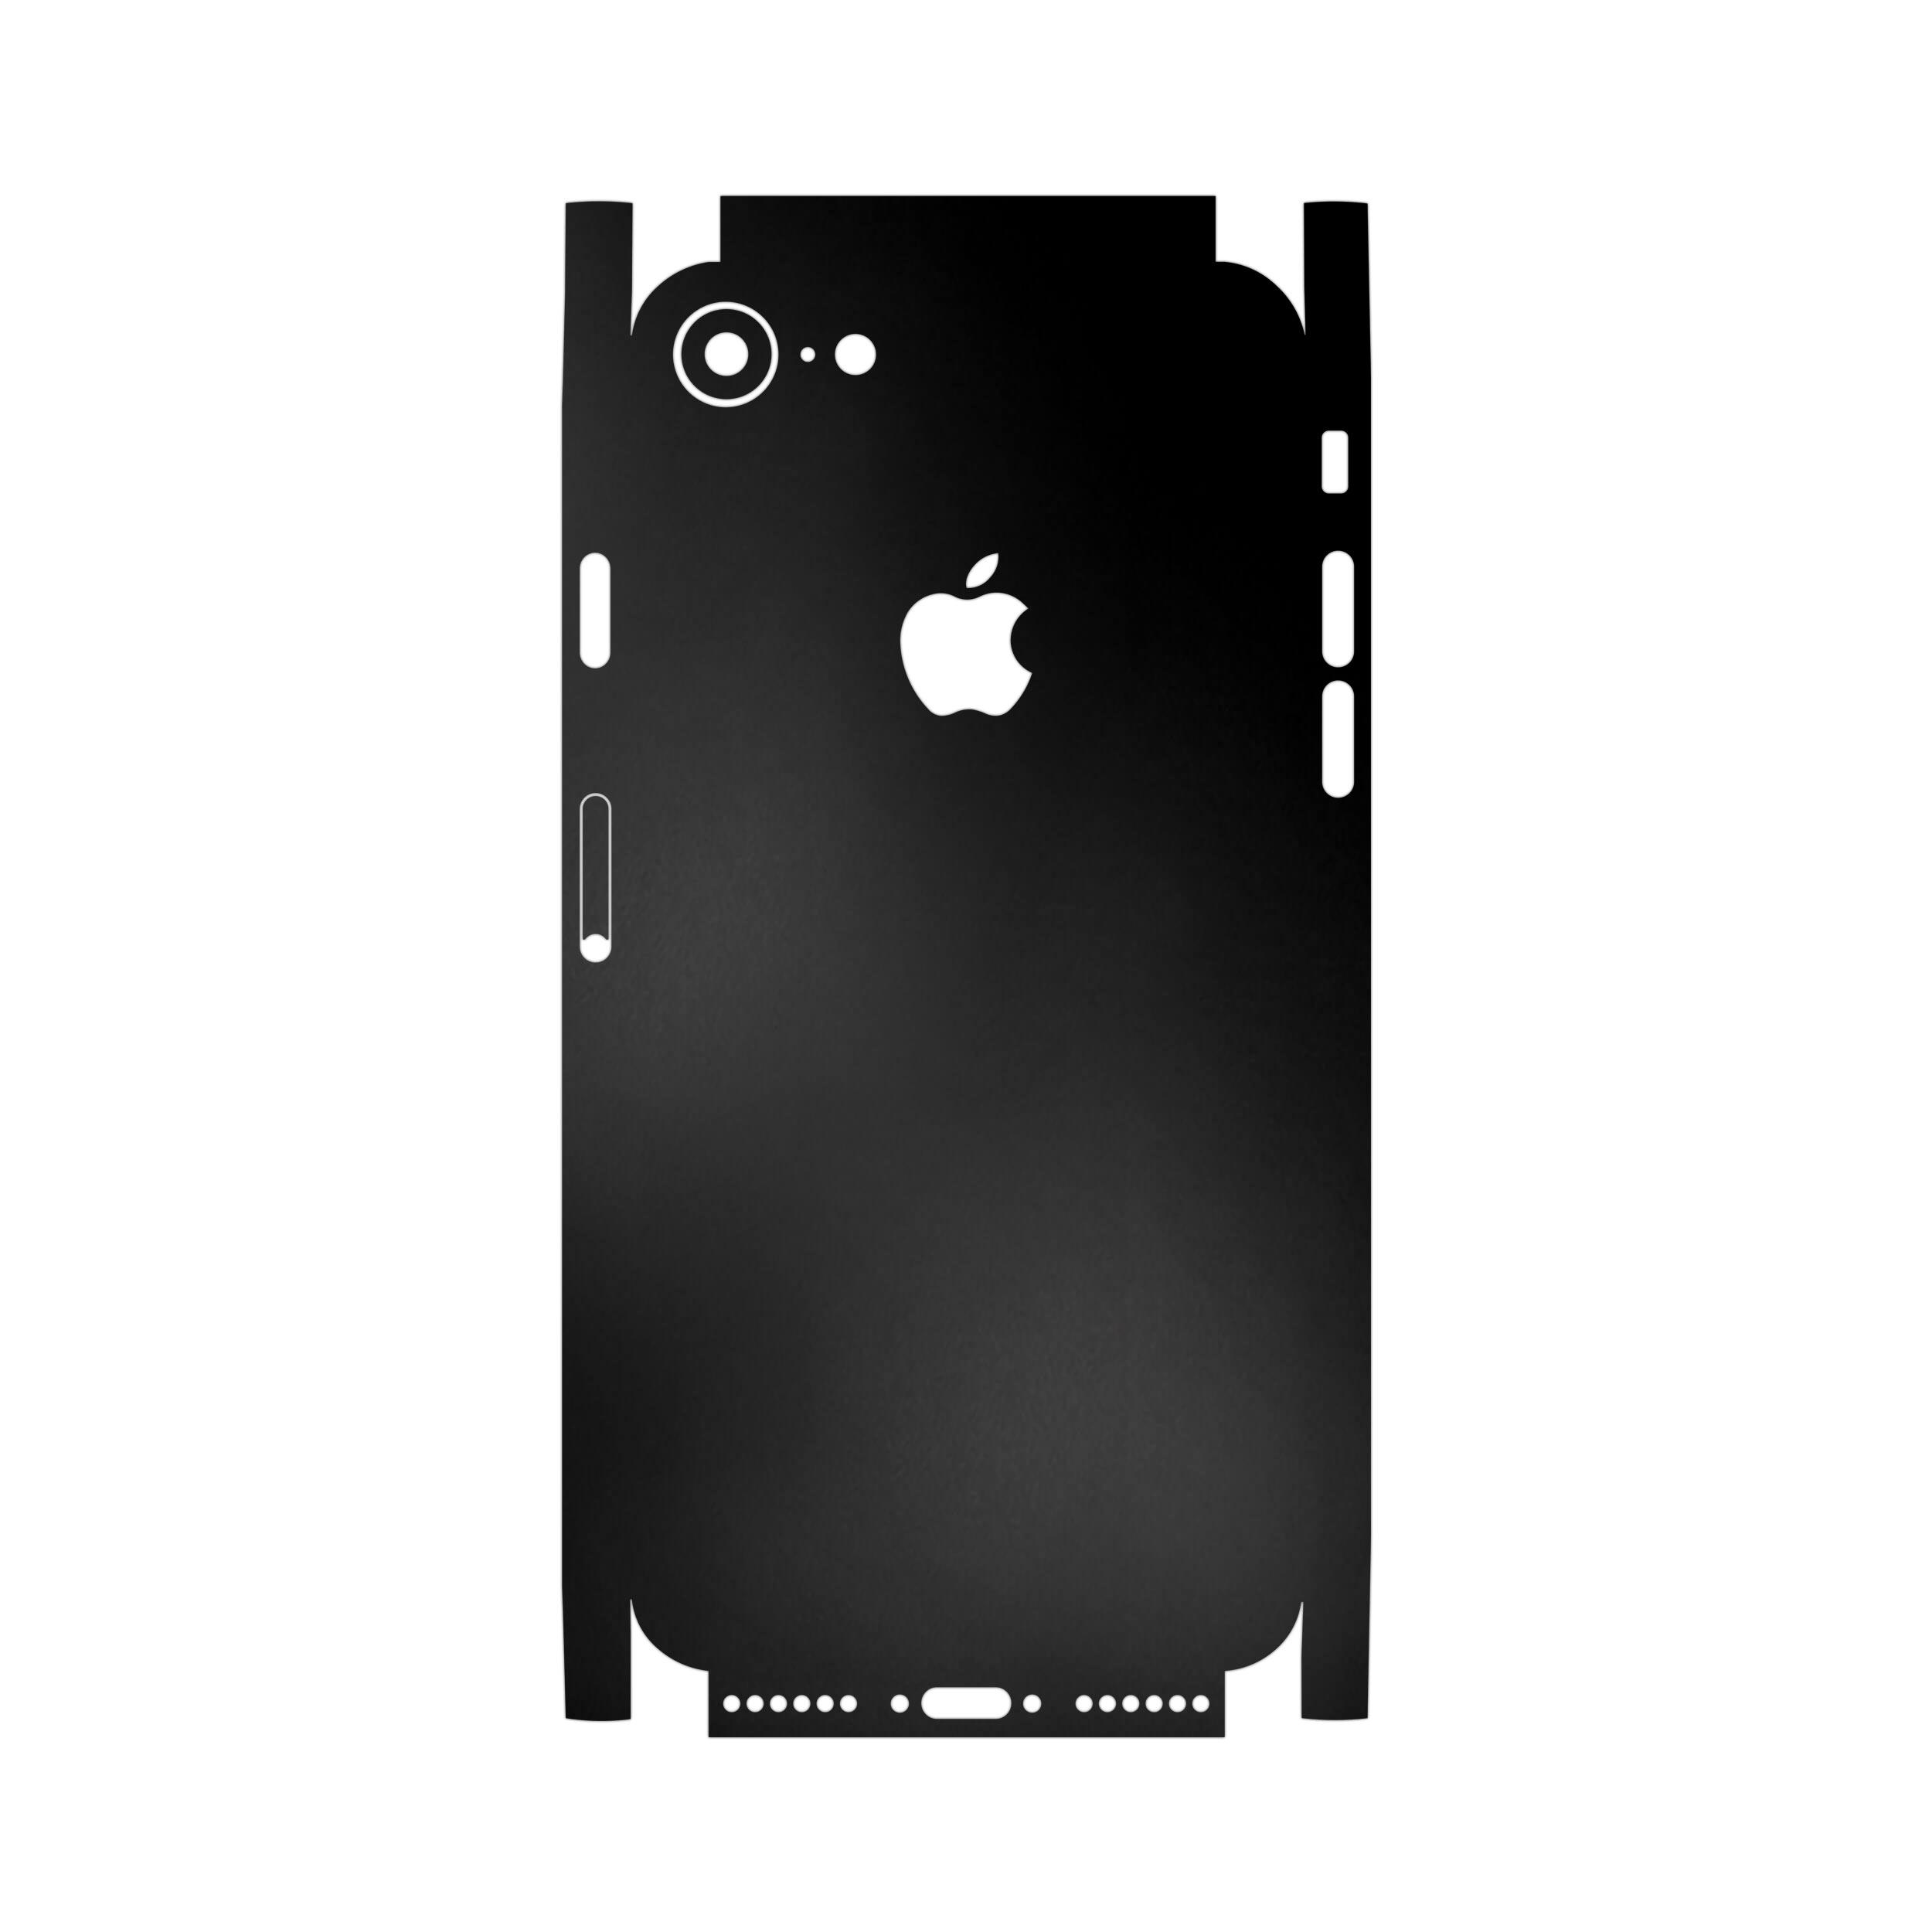 برچسب پوششی ماهوت مدل Black-Matte-FullSkin مناسب برای گوشی موبایل اپل iPhone 7